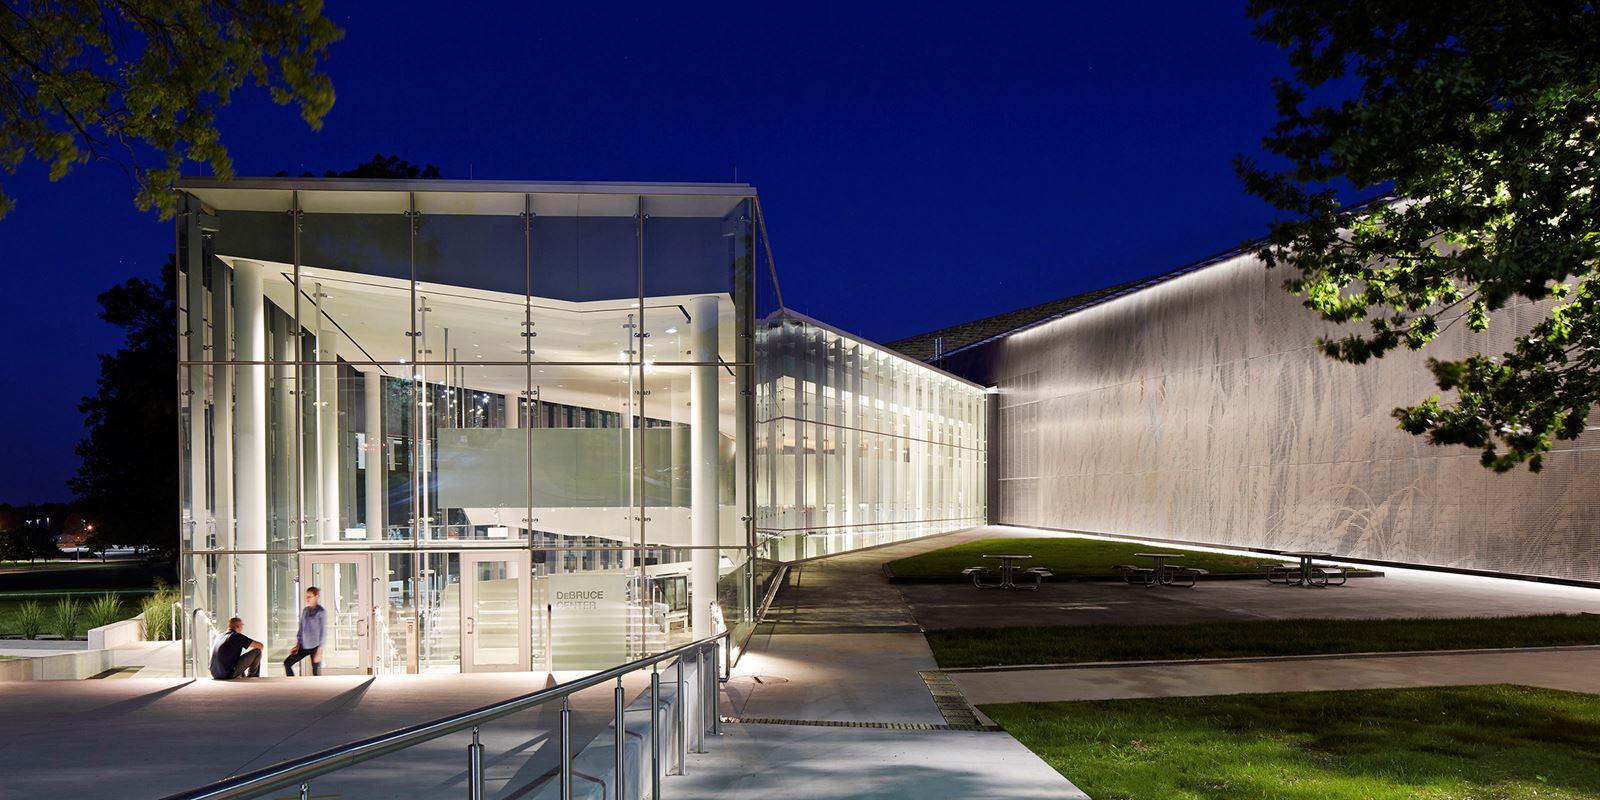 University of Kansas DeBruce Center